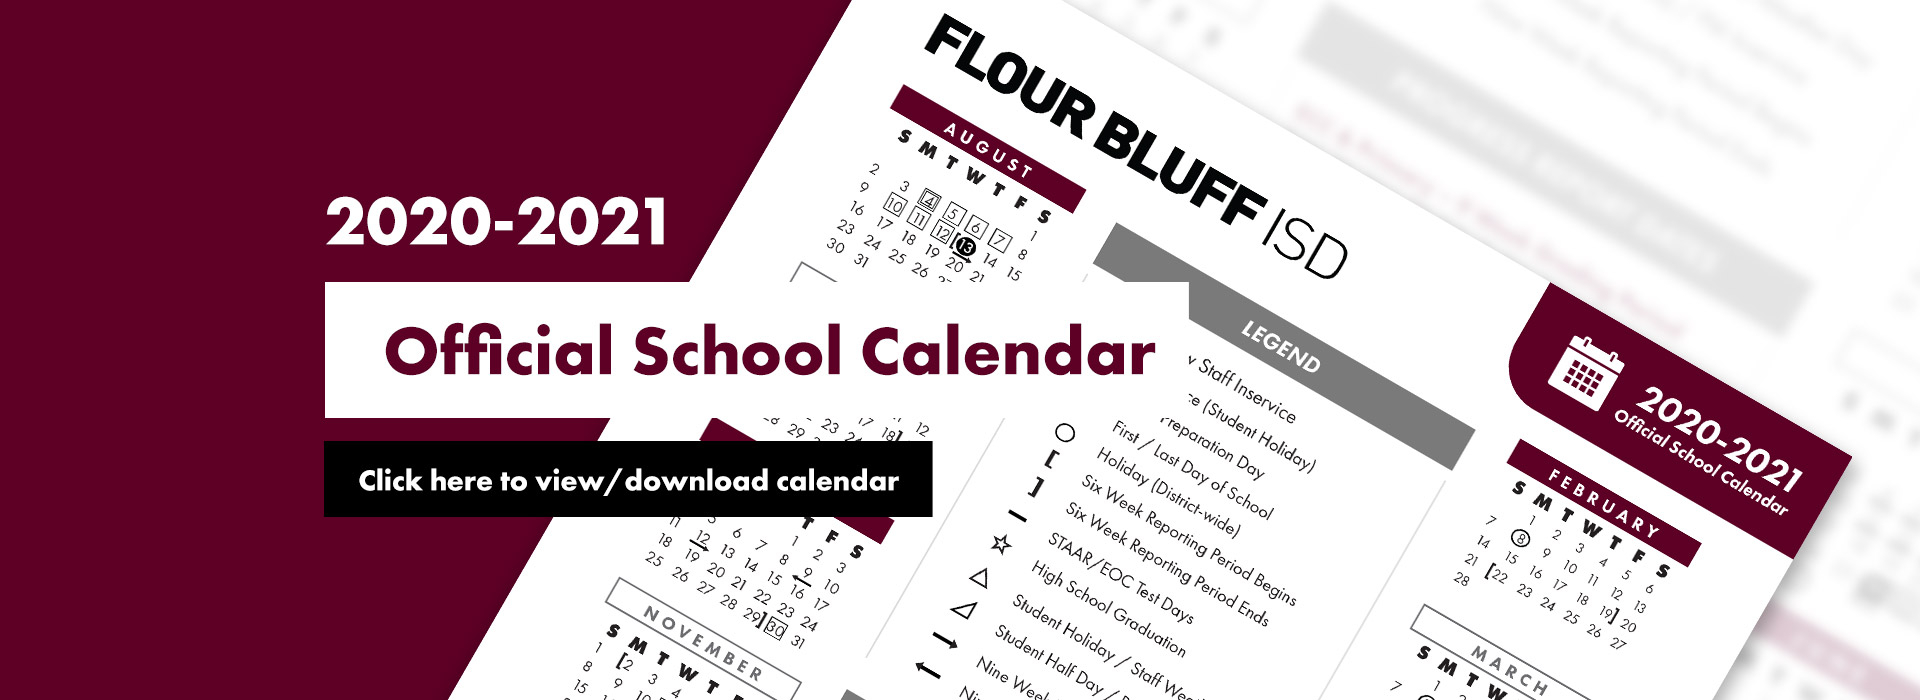 Flour Bluff High School Pertaining To Red Bluff High School Calendar 2021  2020